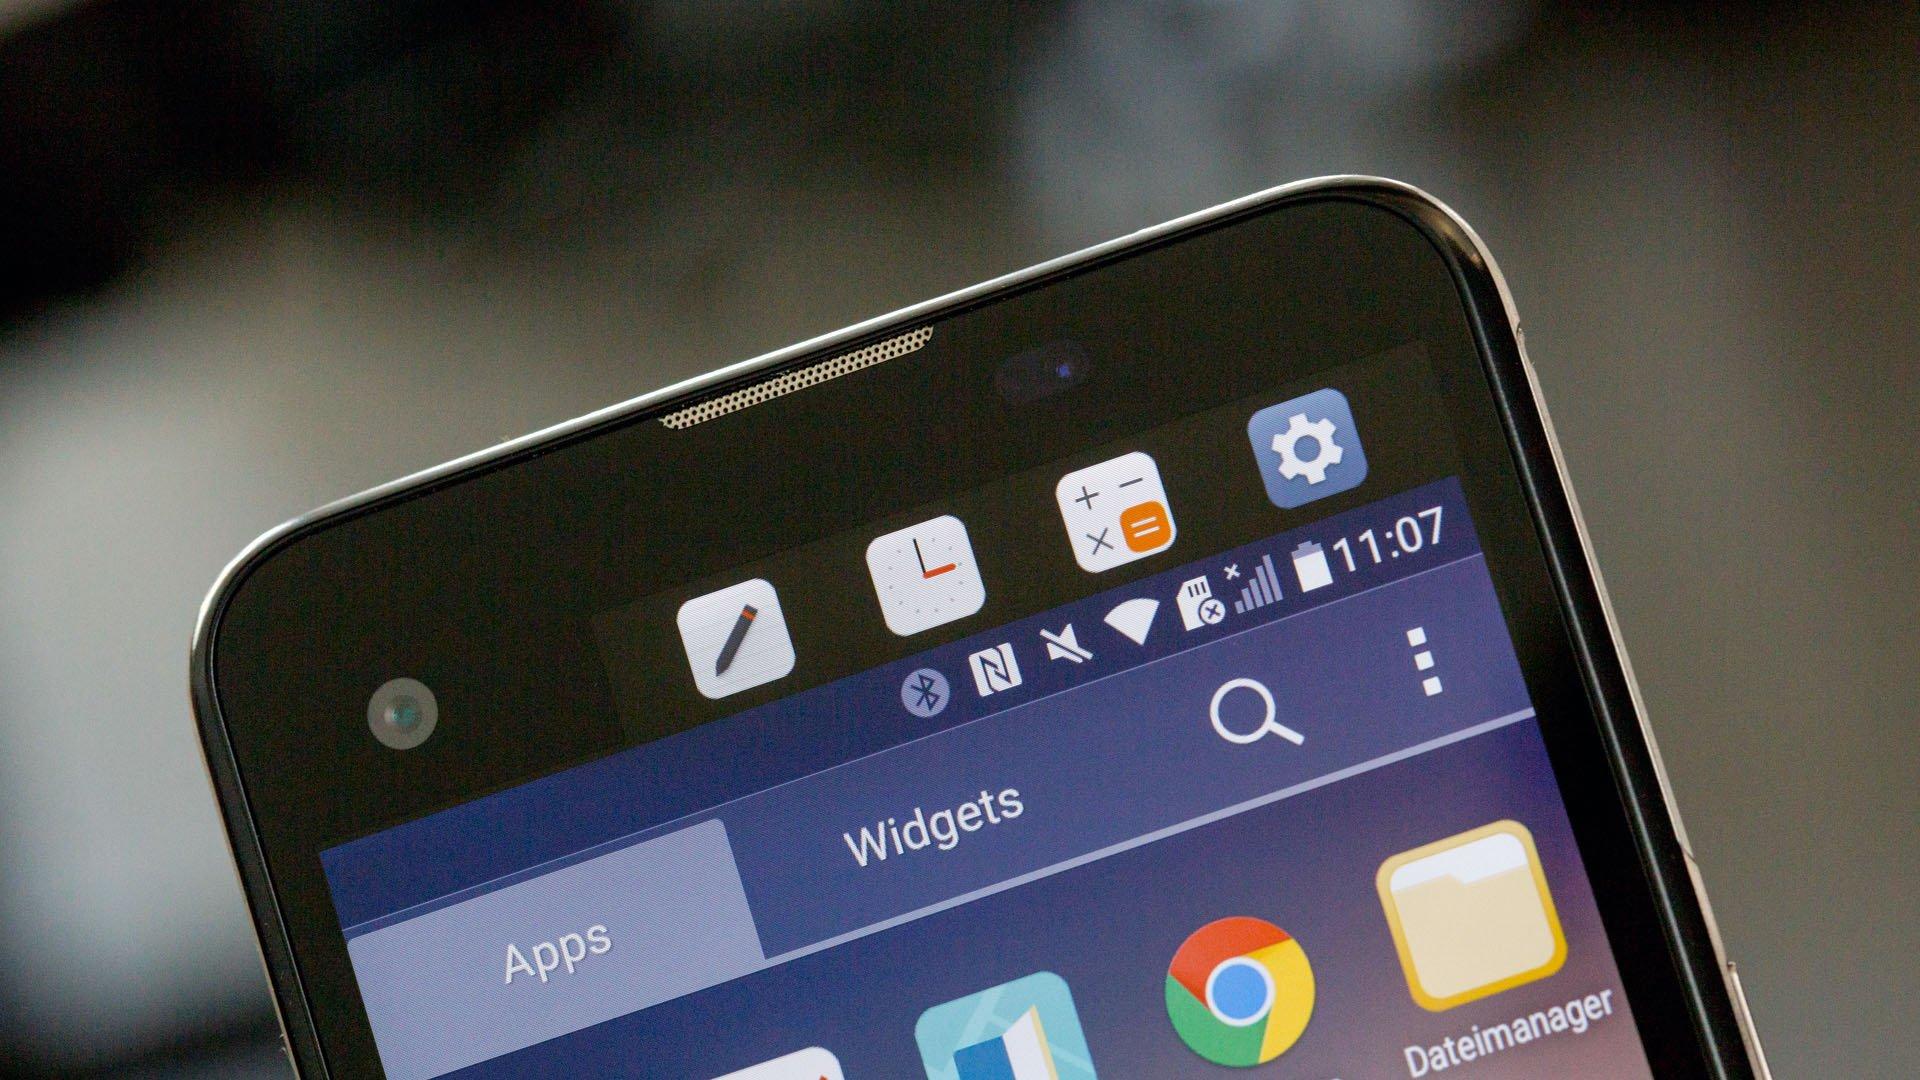 LG X Screen im Test: Der doppelte Bildschirm hält besser | AndroidPIT